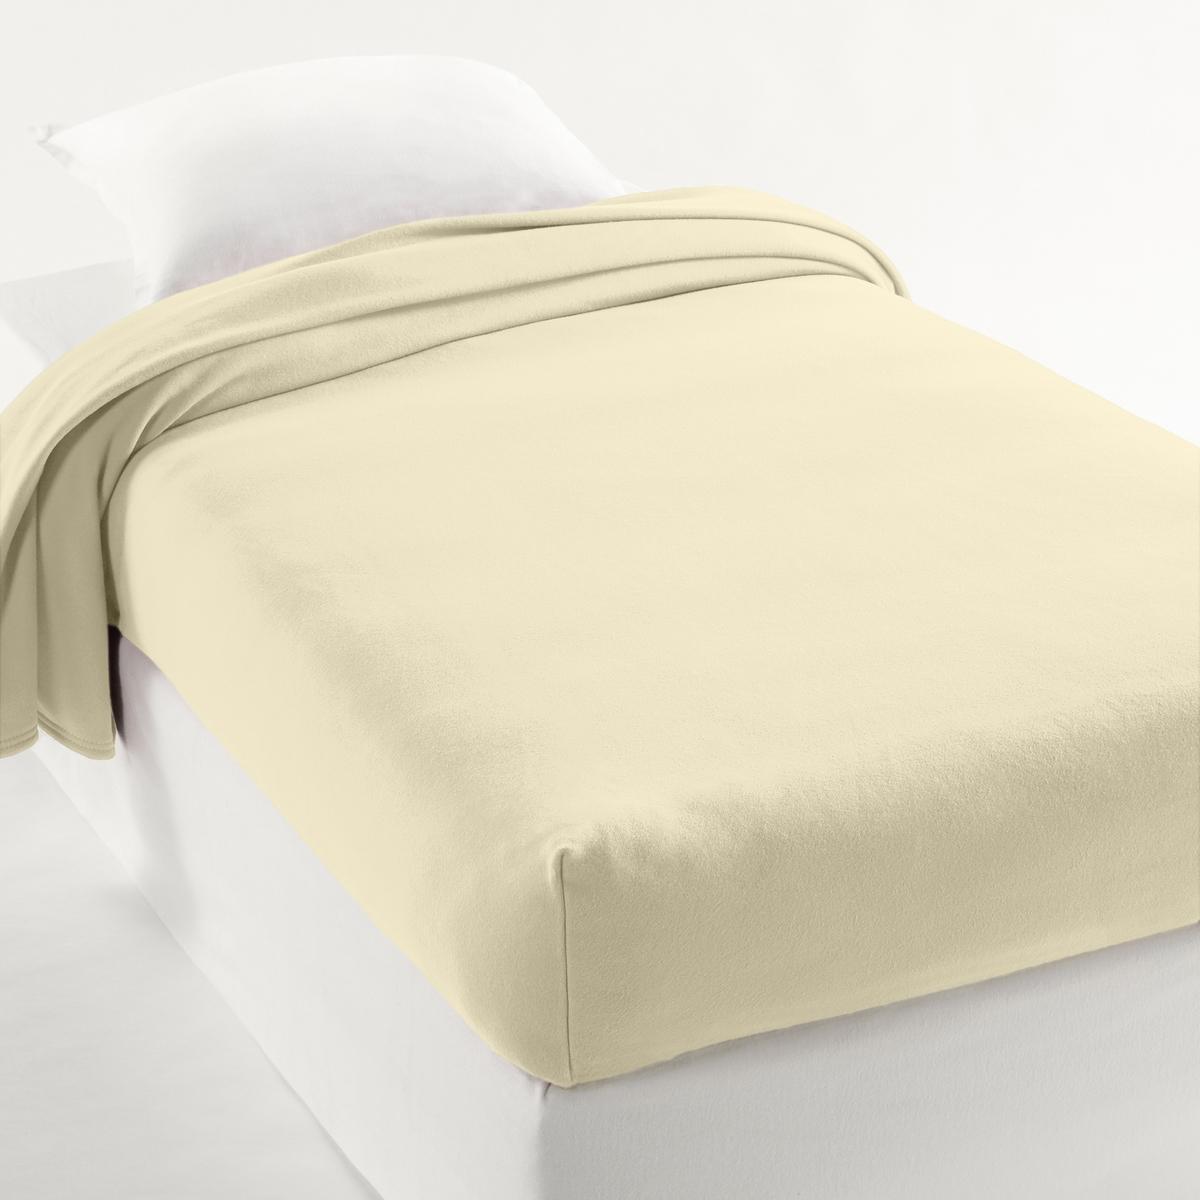 Покрывало флисовое 350 г/м² фабрика прямая кровать mikasa 1 8 м специальный весенний матрас юбка покрывало простыни защиты пакета почты в убыток